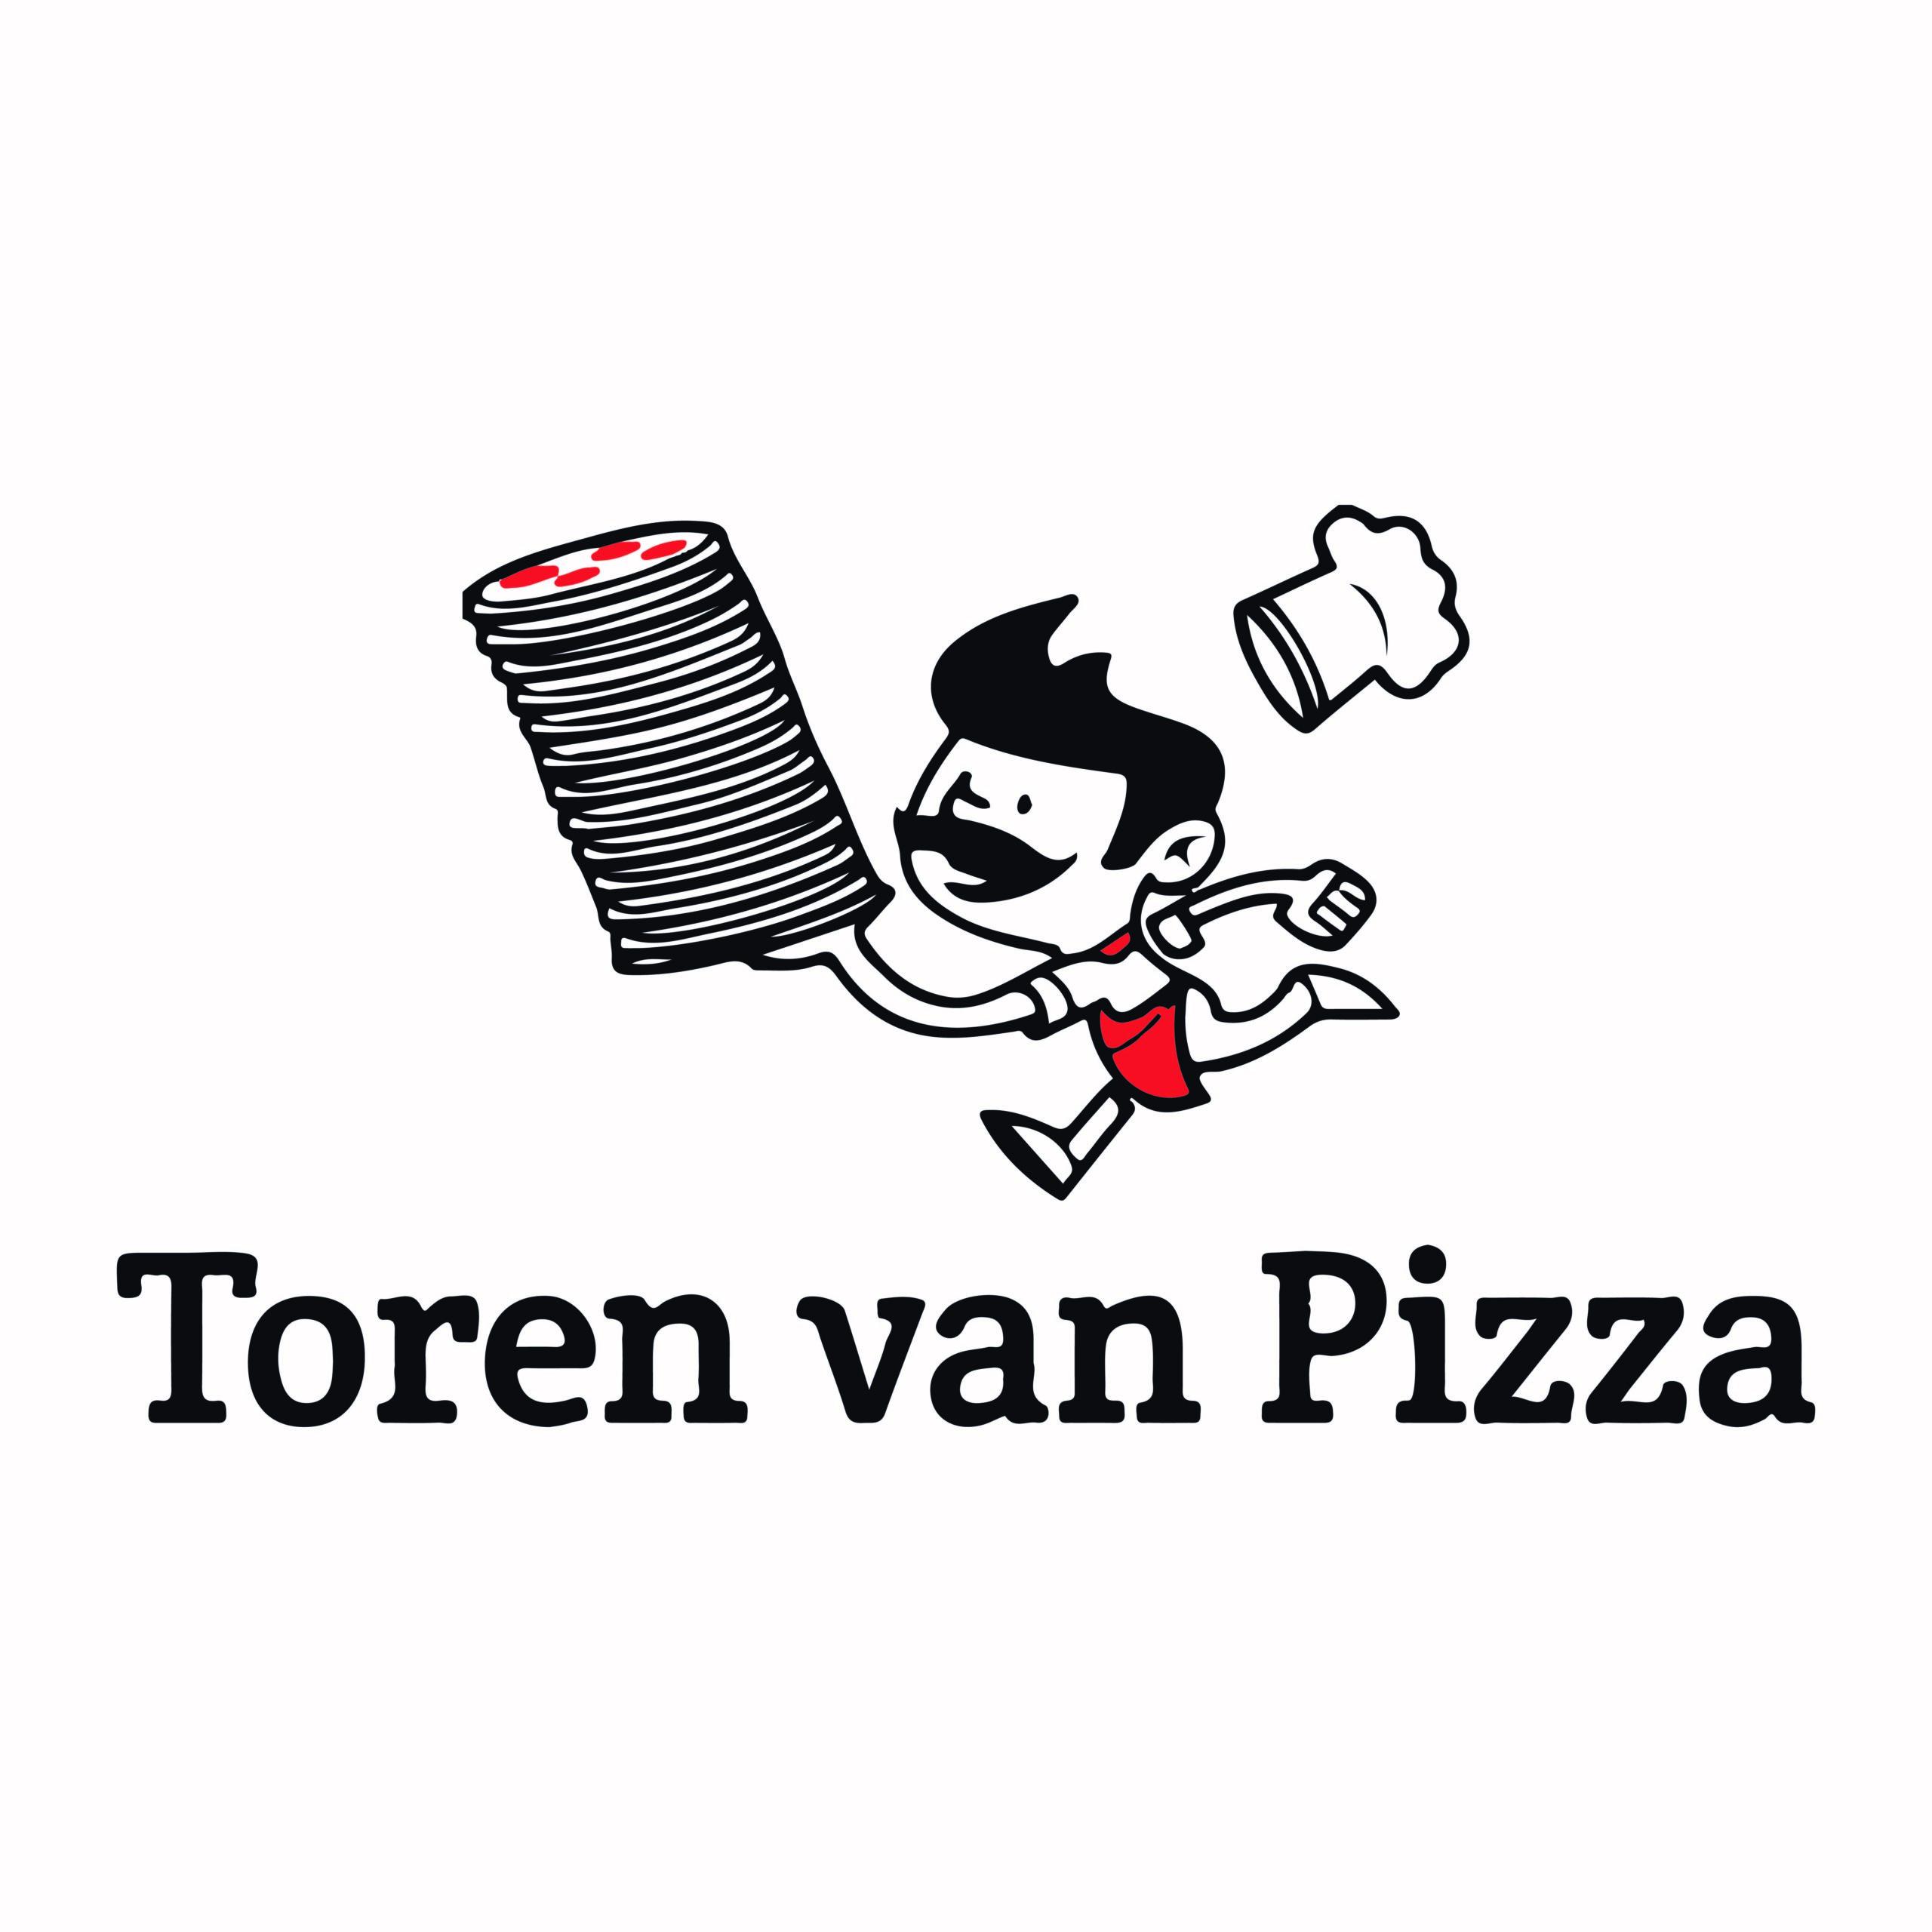 Toren van Pizza